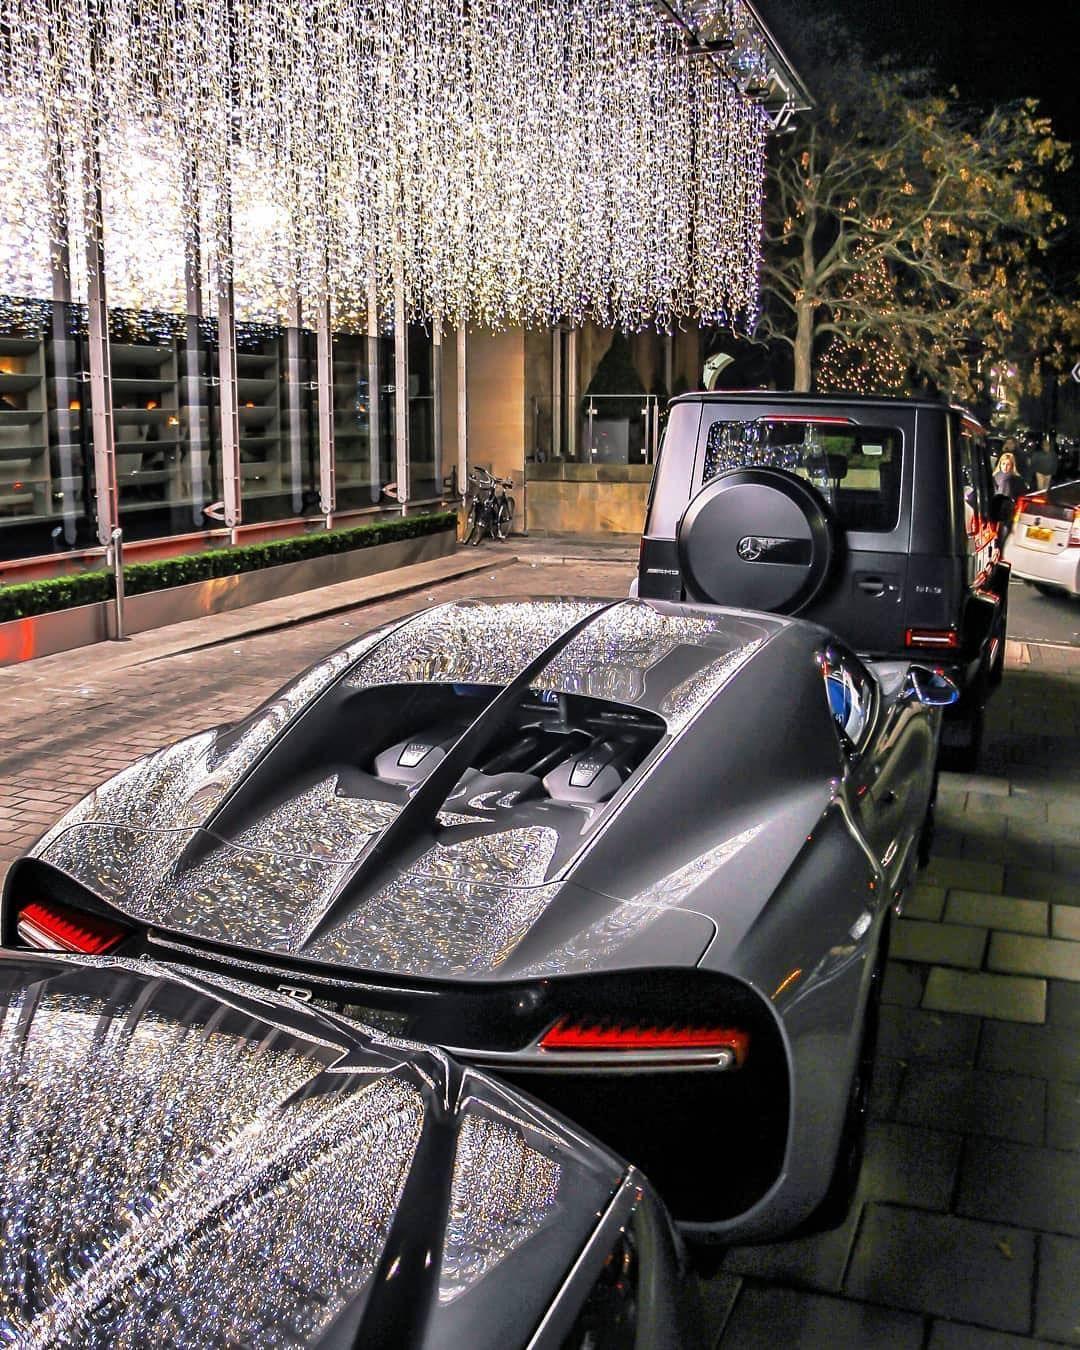 amazing cars under 5k amazing cars under 15k amazing used